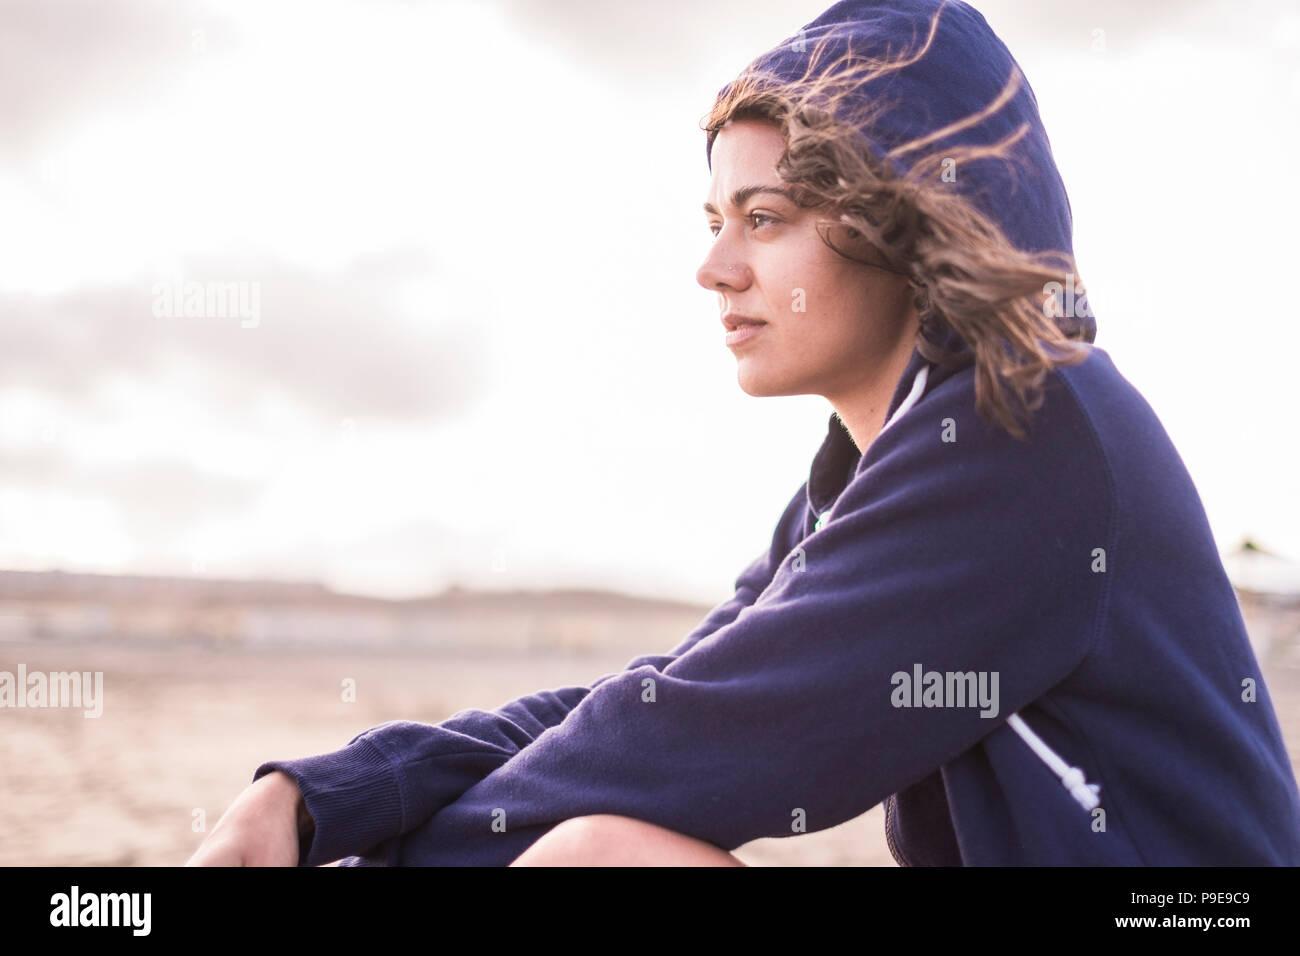 Bella ragazza seduta sulla spiaggia all'aperto in estate vacanze. perso nei suoi pensieri con indipendenza e libertà concetto. cielo luminoso con le nuvole in Immagini Stock